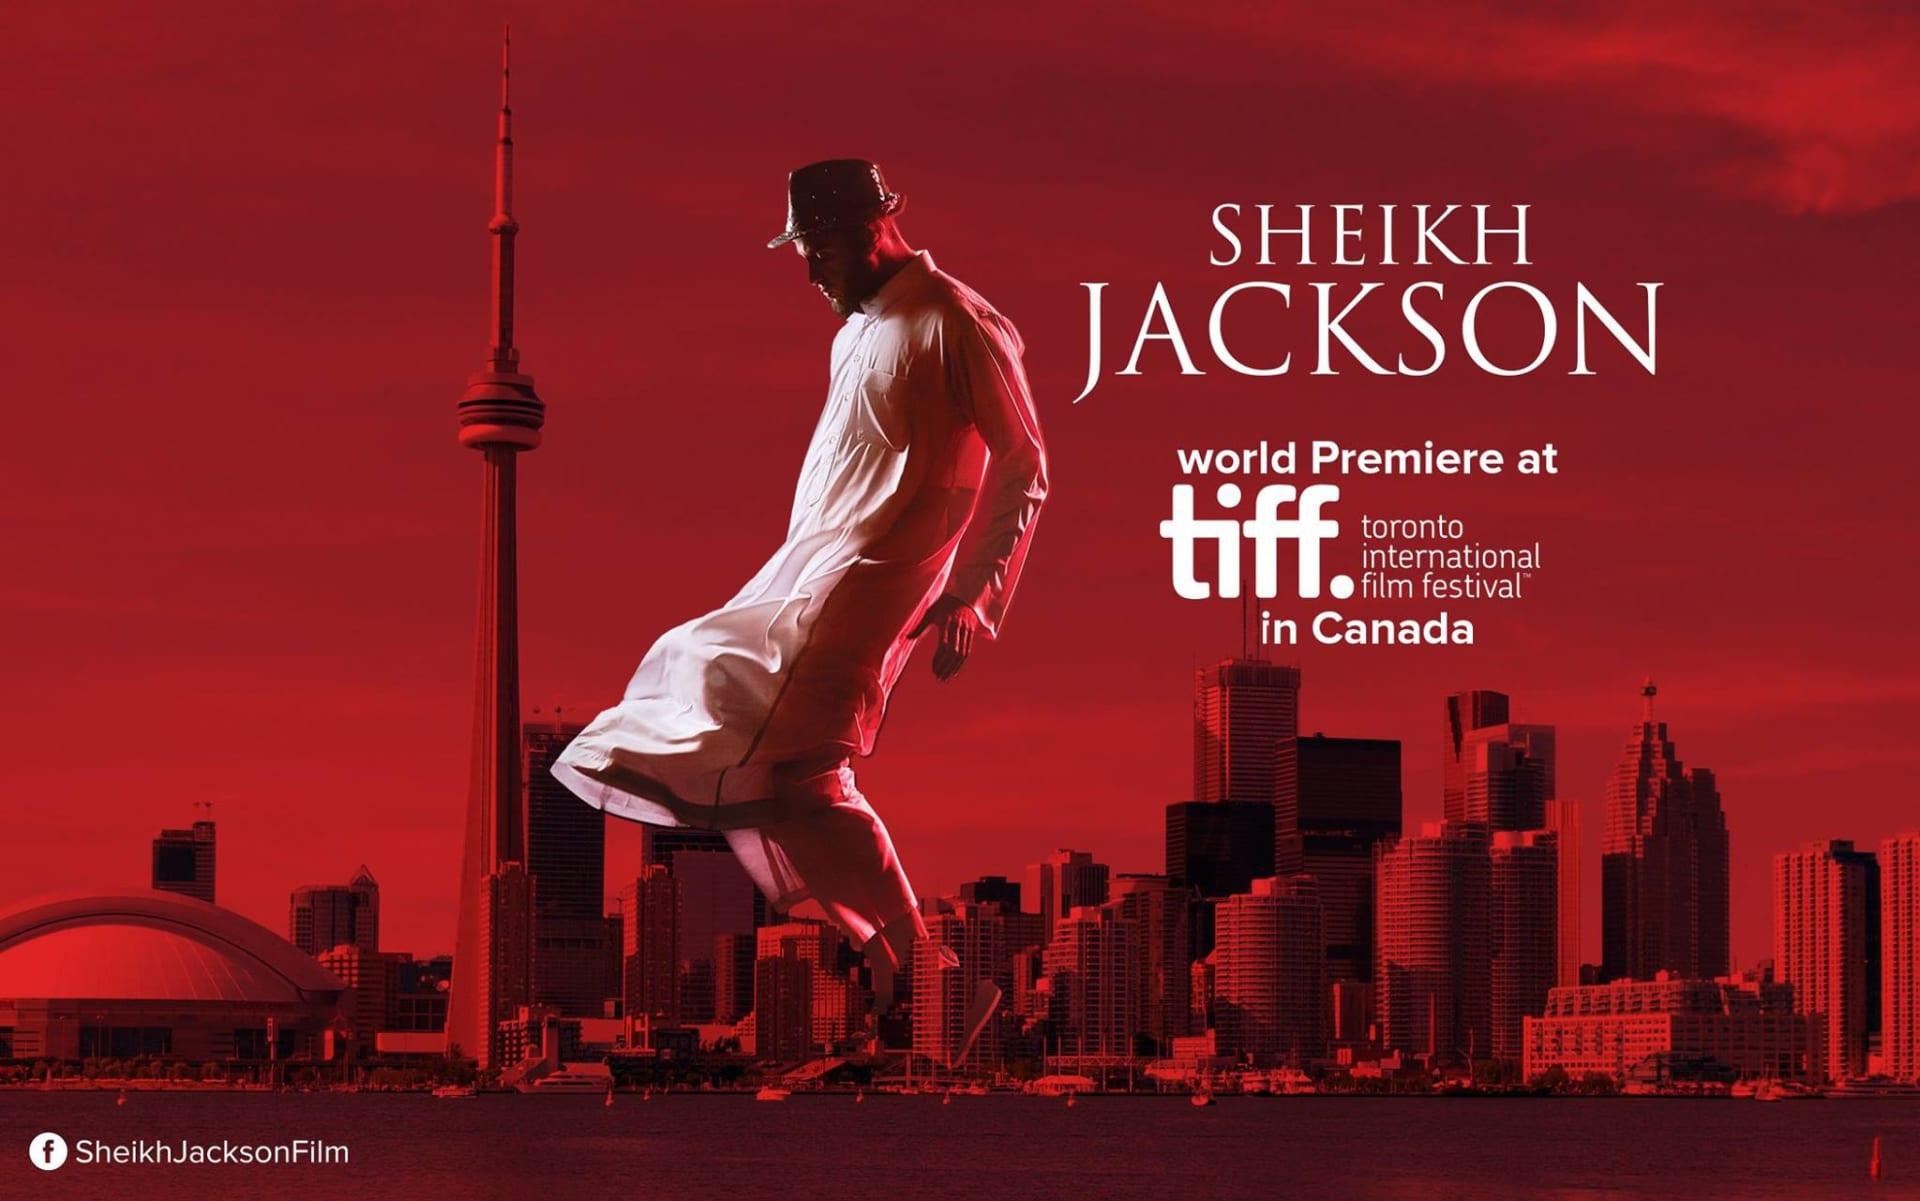 """لماذا اختار المخرج عمرو سلامة """"الشيخ جاكسون"""" اسما لفيلمه الجديد؟"""